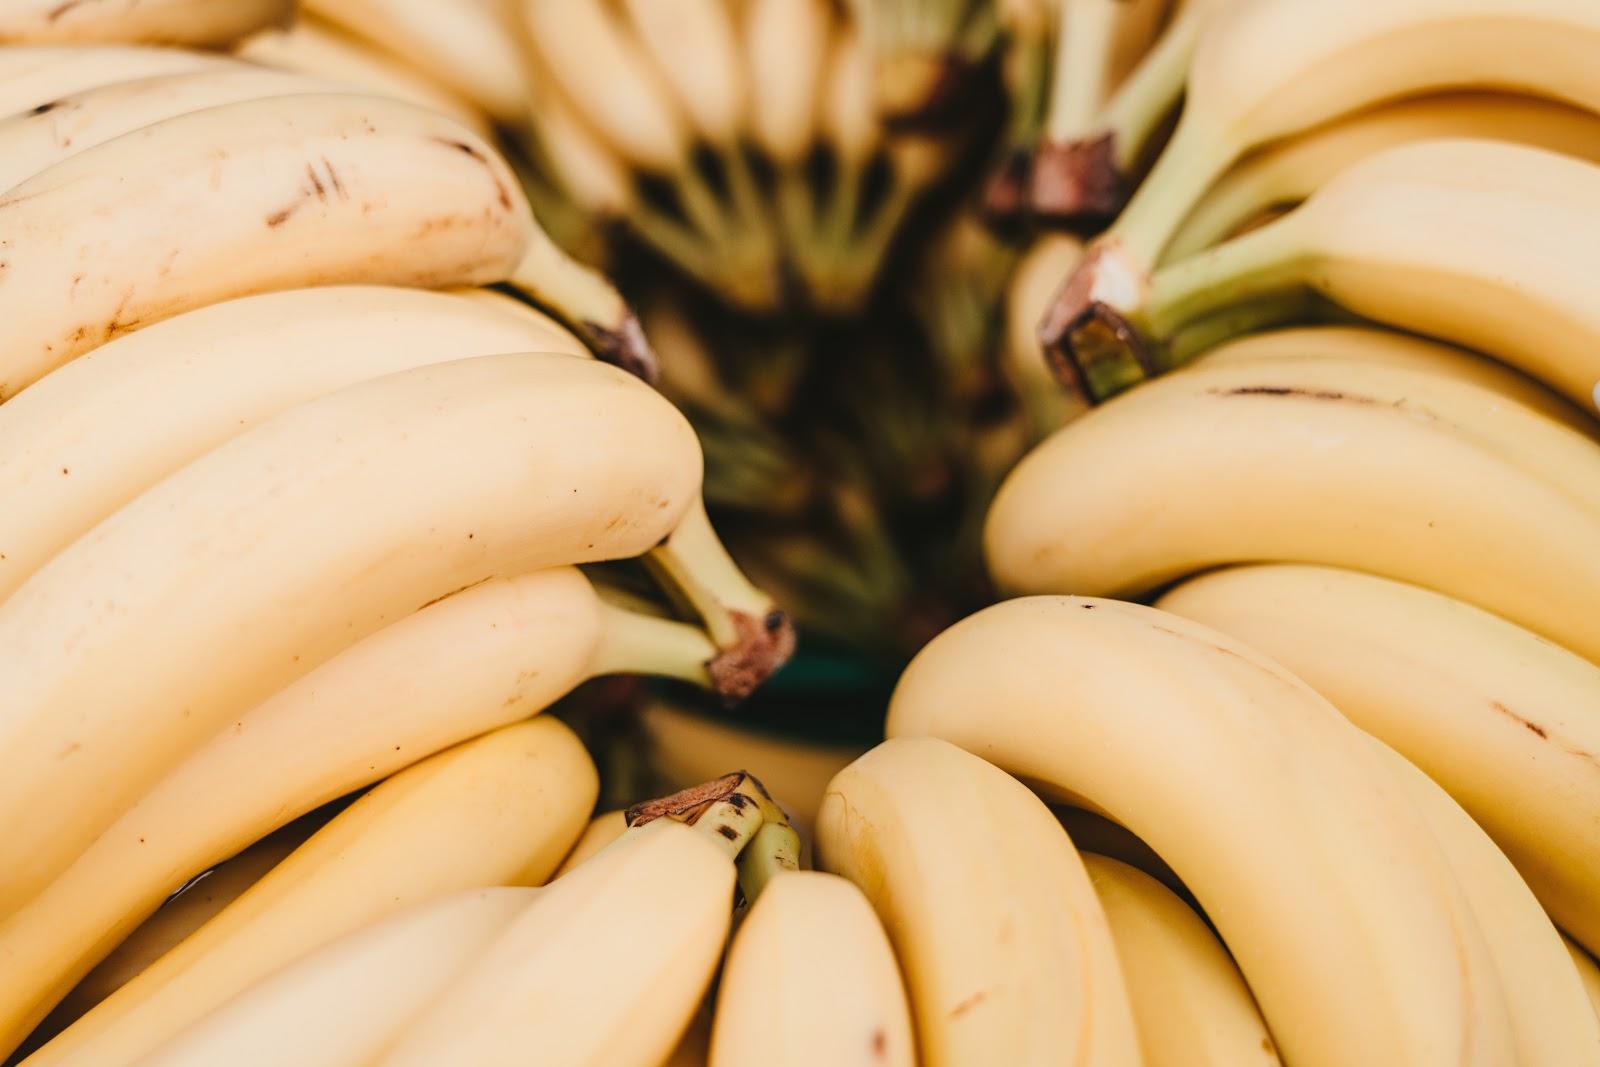 Circle of stacked bananas.